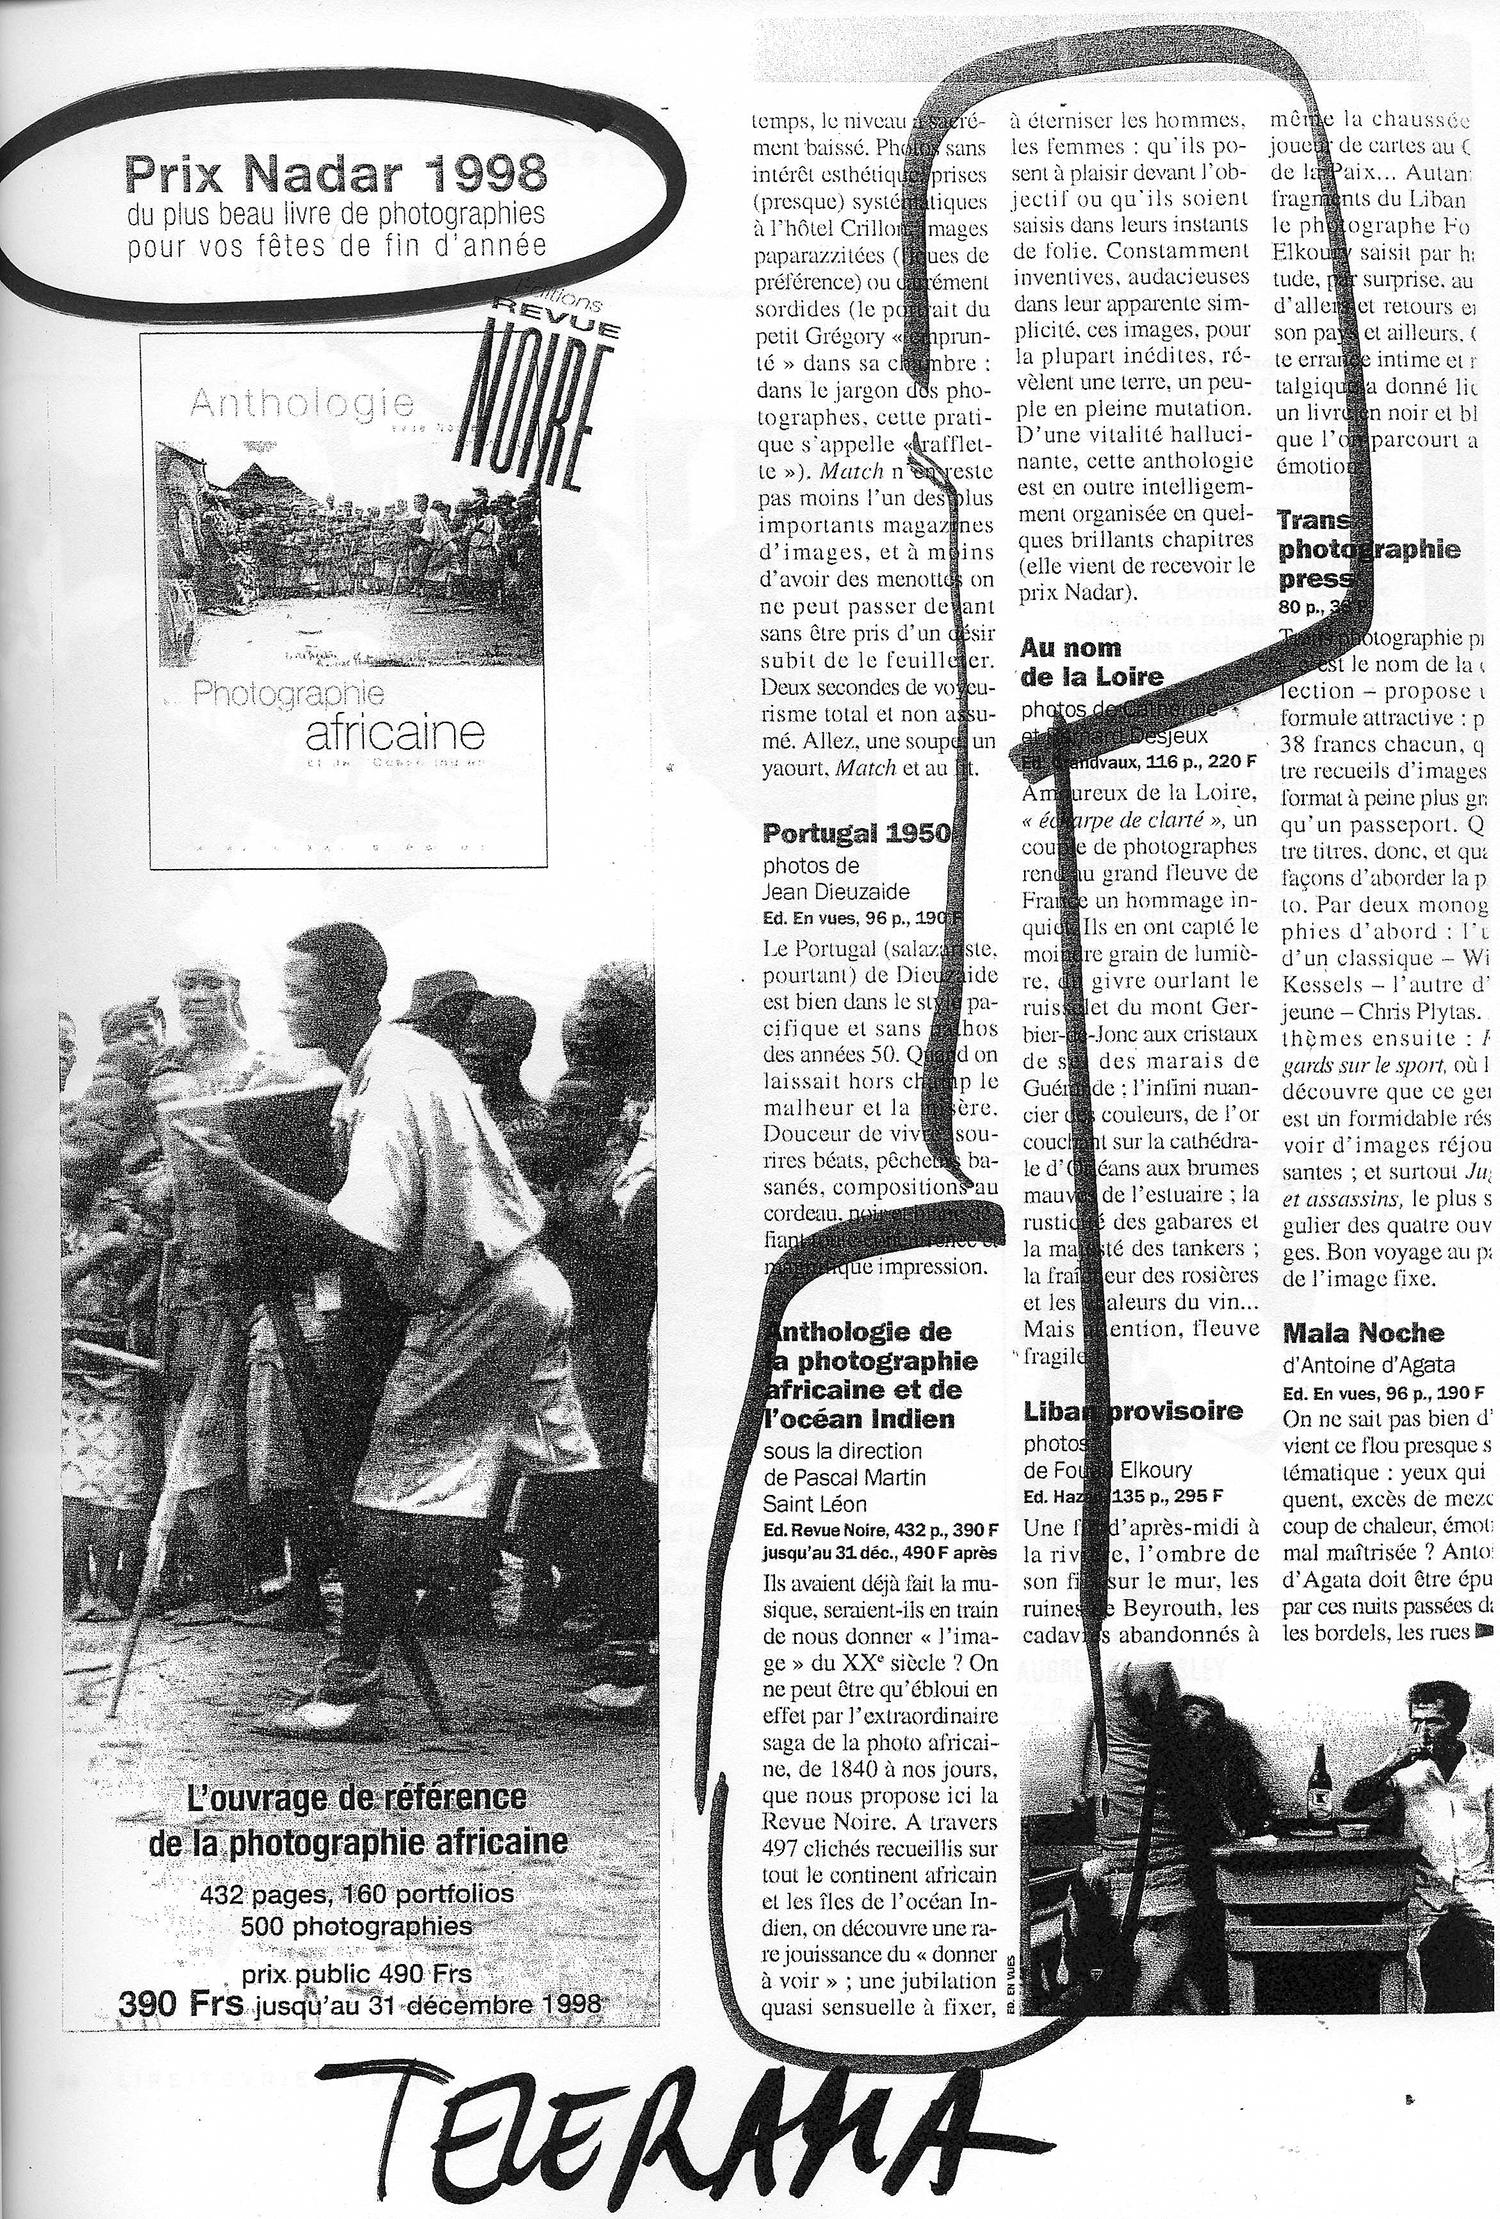 REVUE NOIRE press review: Télérama November 1998, par Frédérique Chapuis: Prix Nadar du livre photo pour l'Anthologie de la photographie africaine